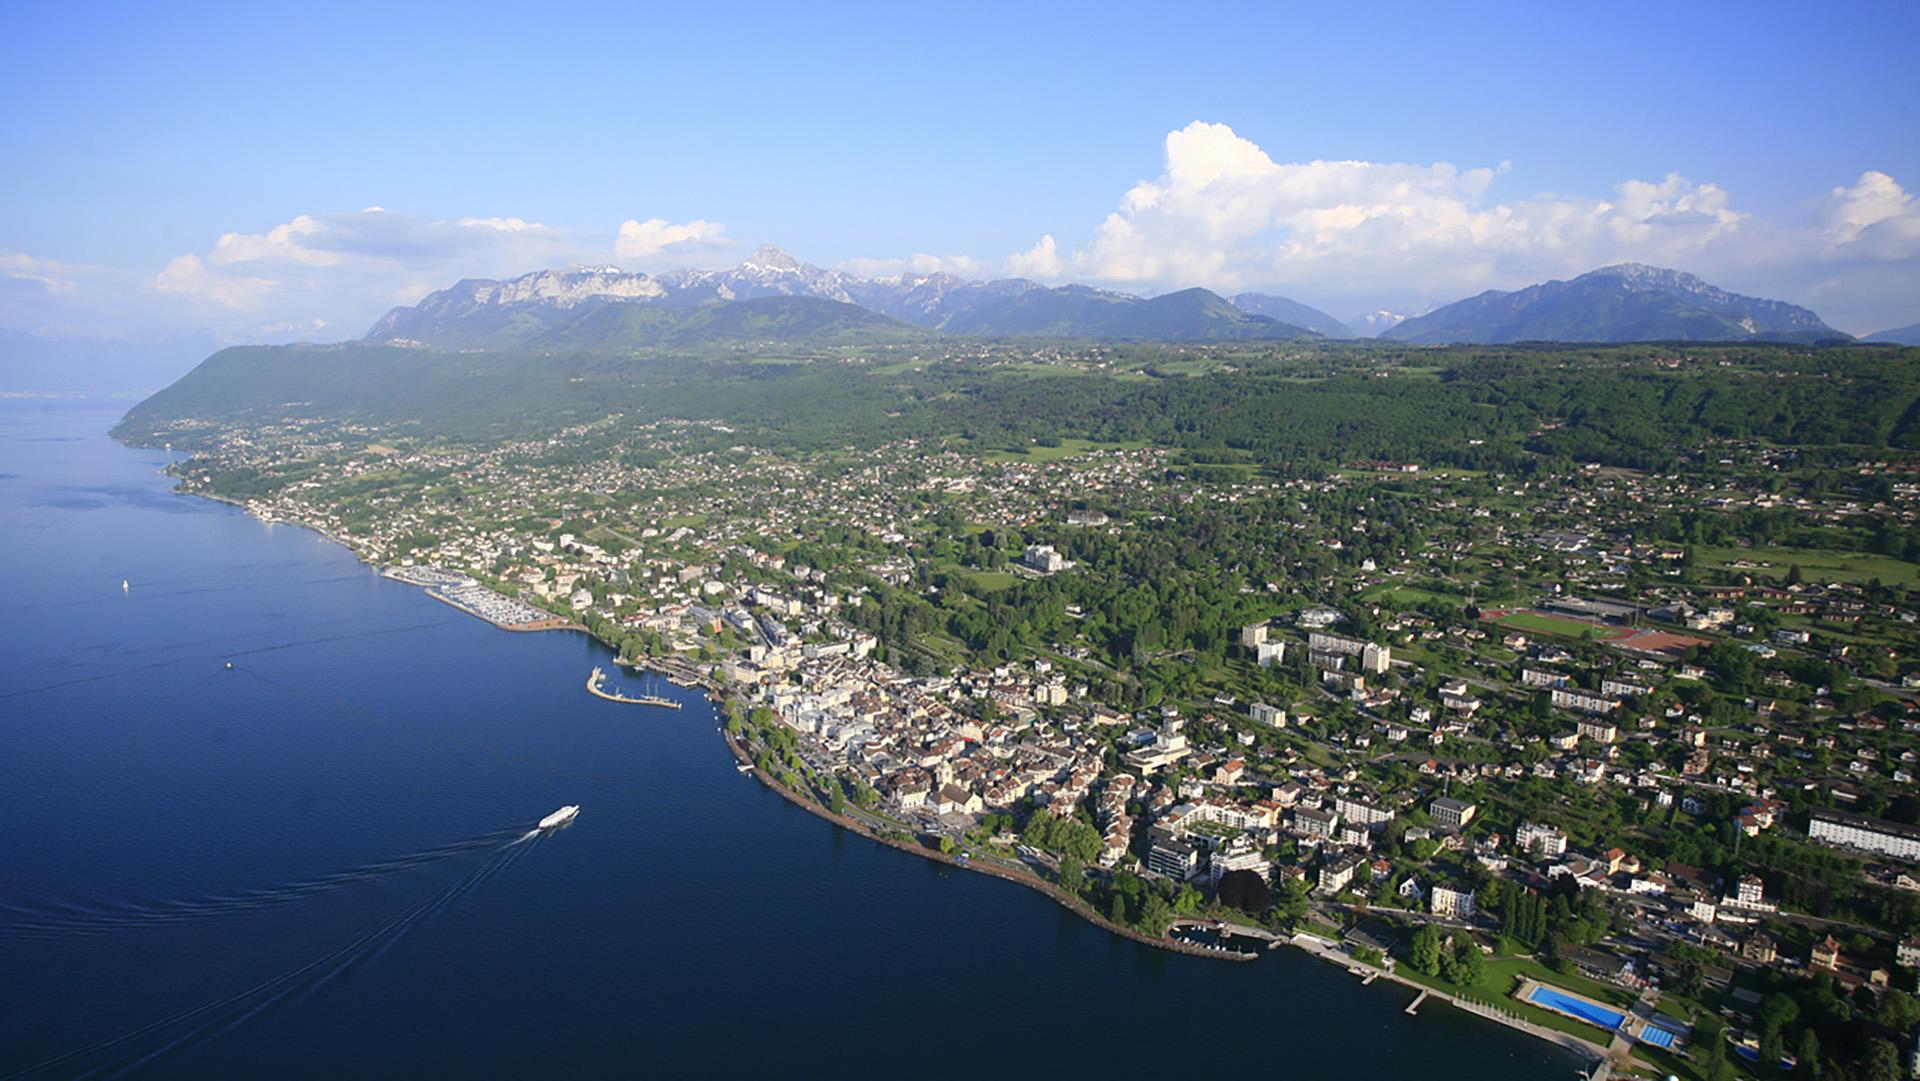 vue aérienne de la ville d'evian